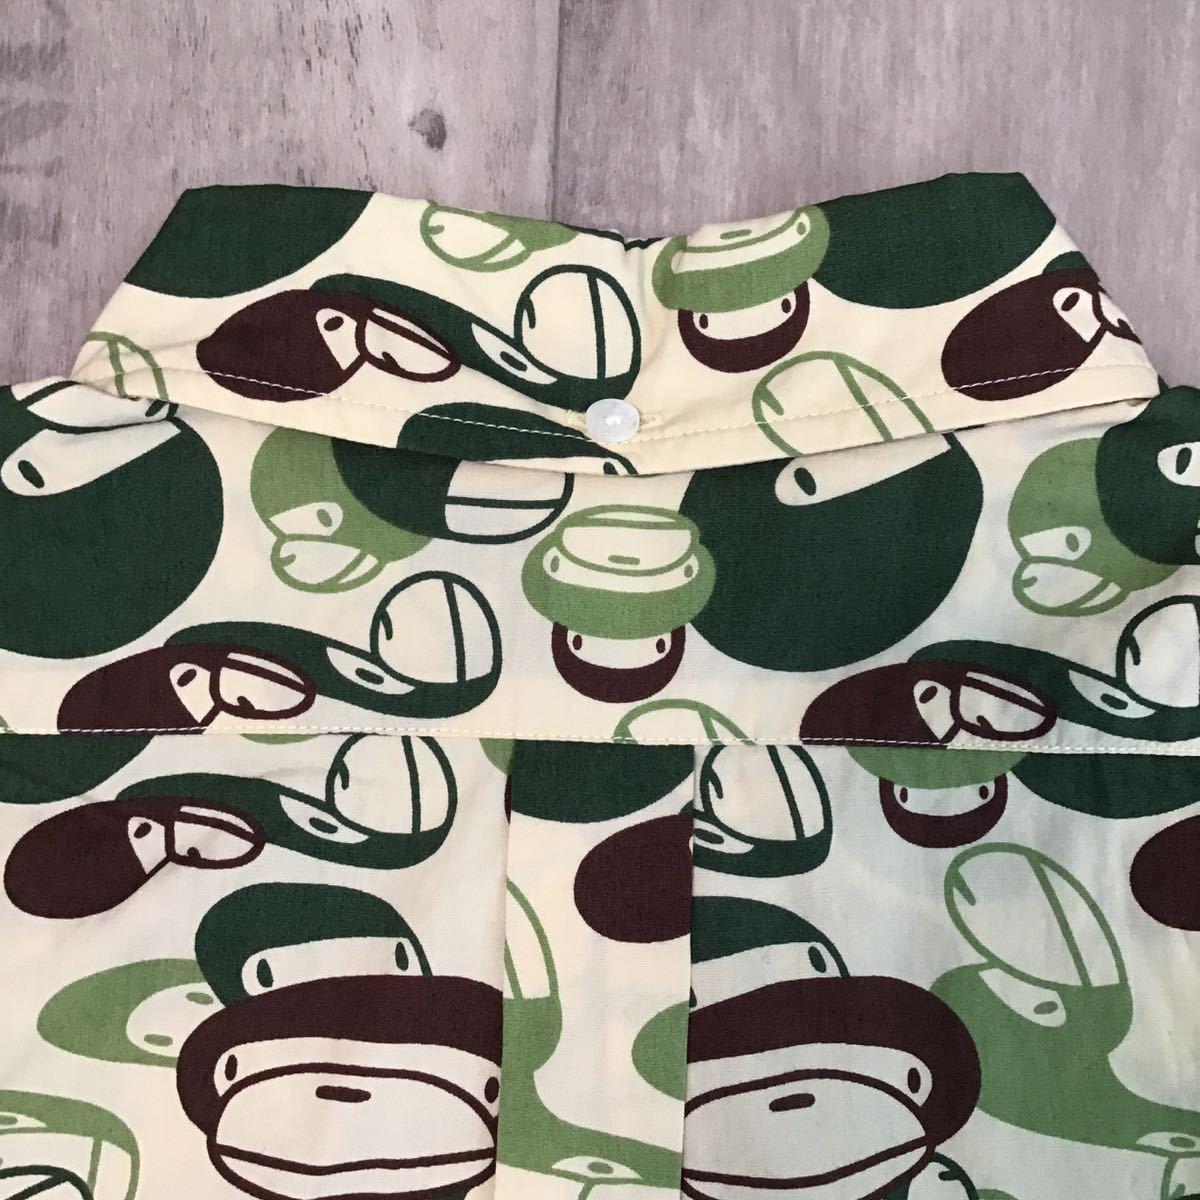 マイロ マルチカモ BD 半袖シャツ Mサイズ a bathing ape bape milo multi camo エイプ ベイプ アベイシングエイプ 迷彩 0732